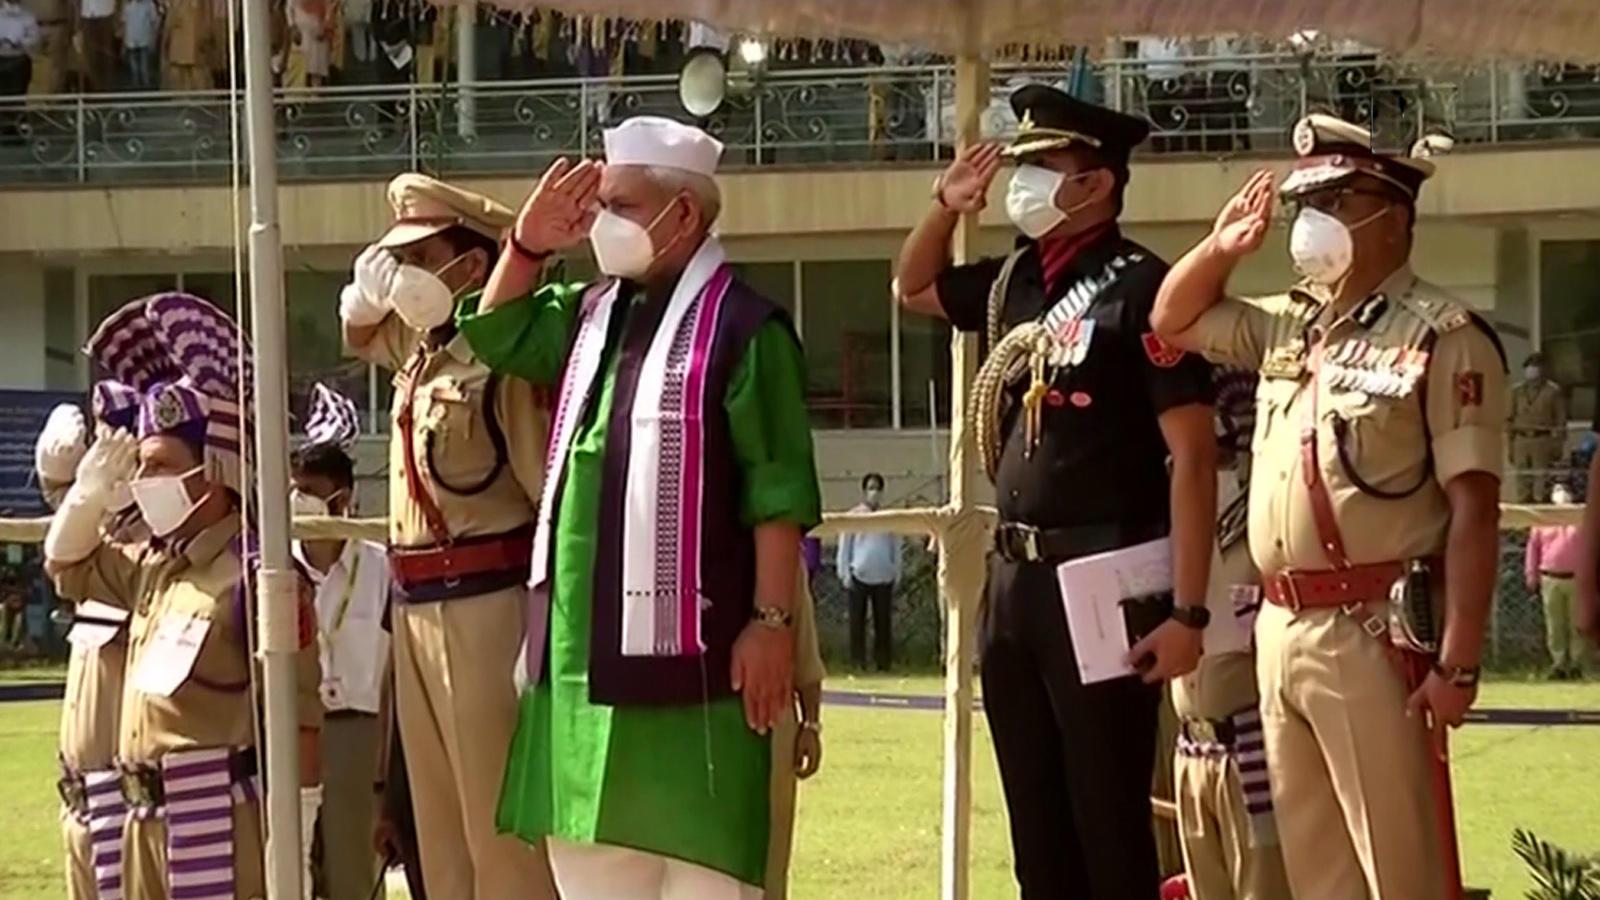 74th-independence-day-jk-lt-governor-manoj-sinha-hoists-national-flag